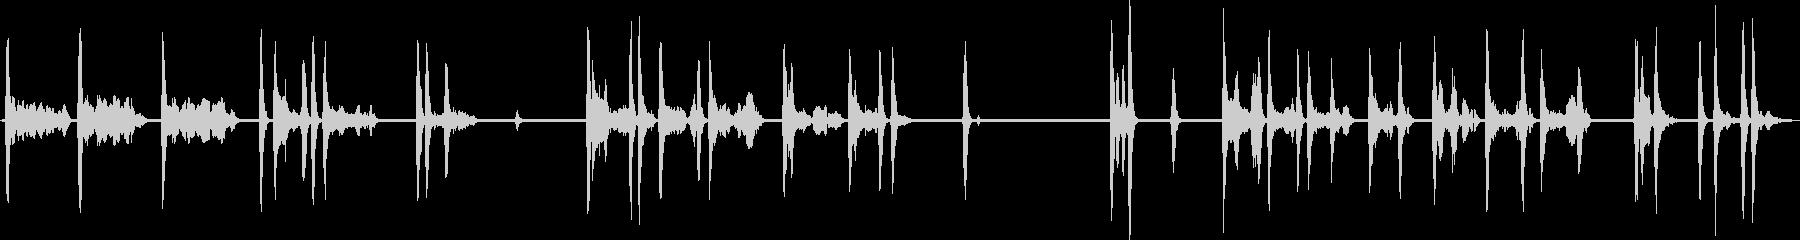 ネイバーズ、ドッグバーキング; D...の未再生の波形